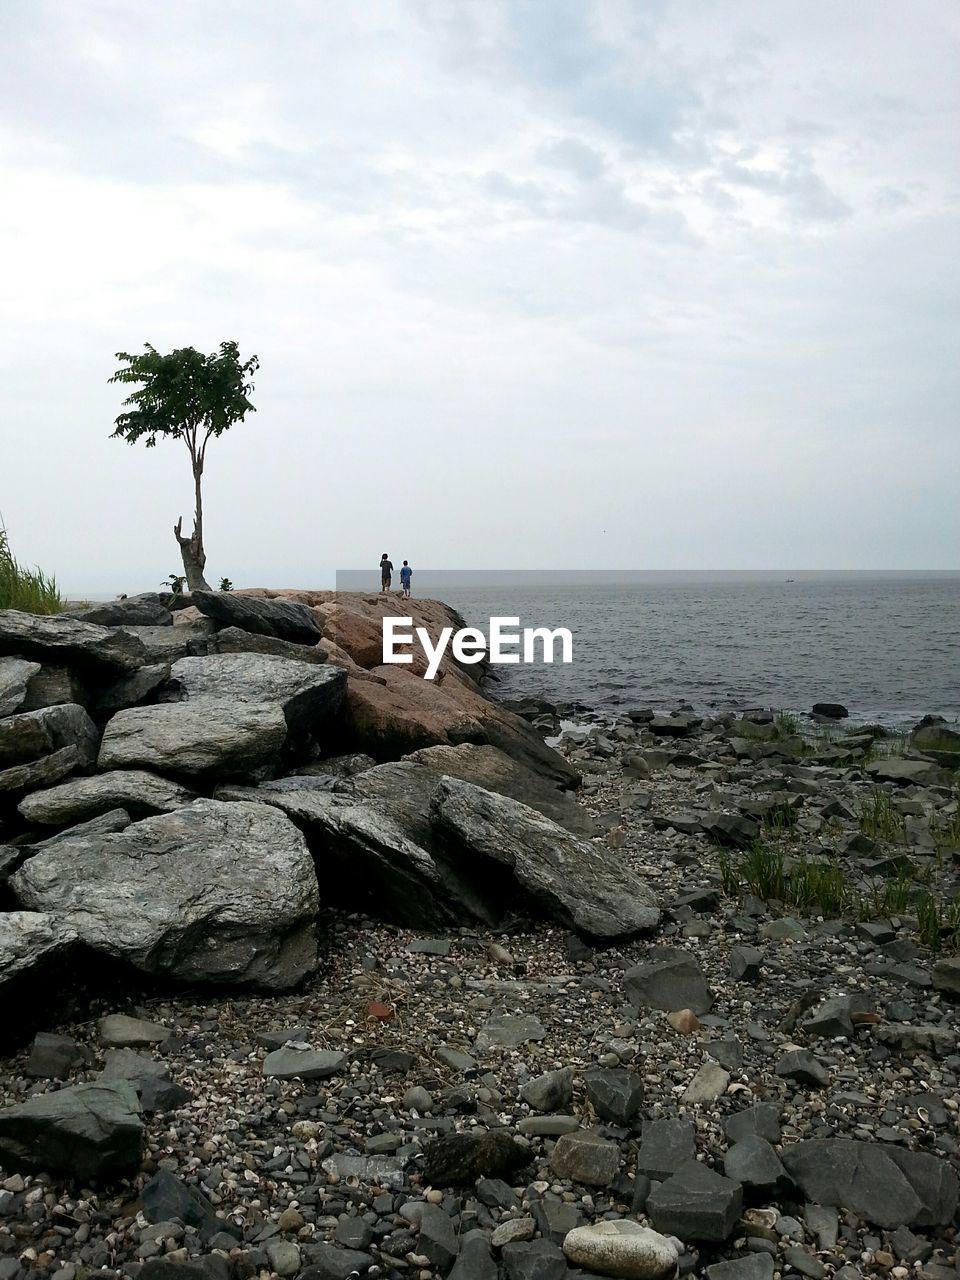 View of groyne